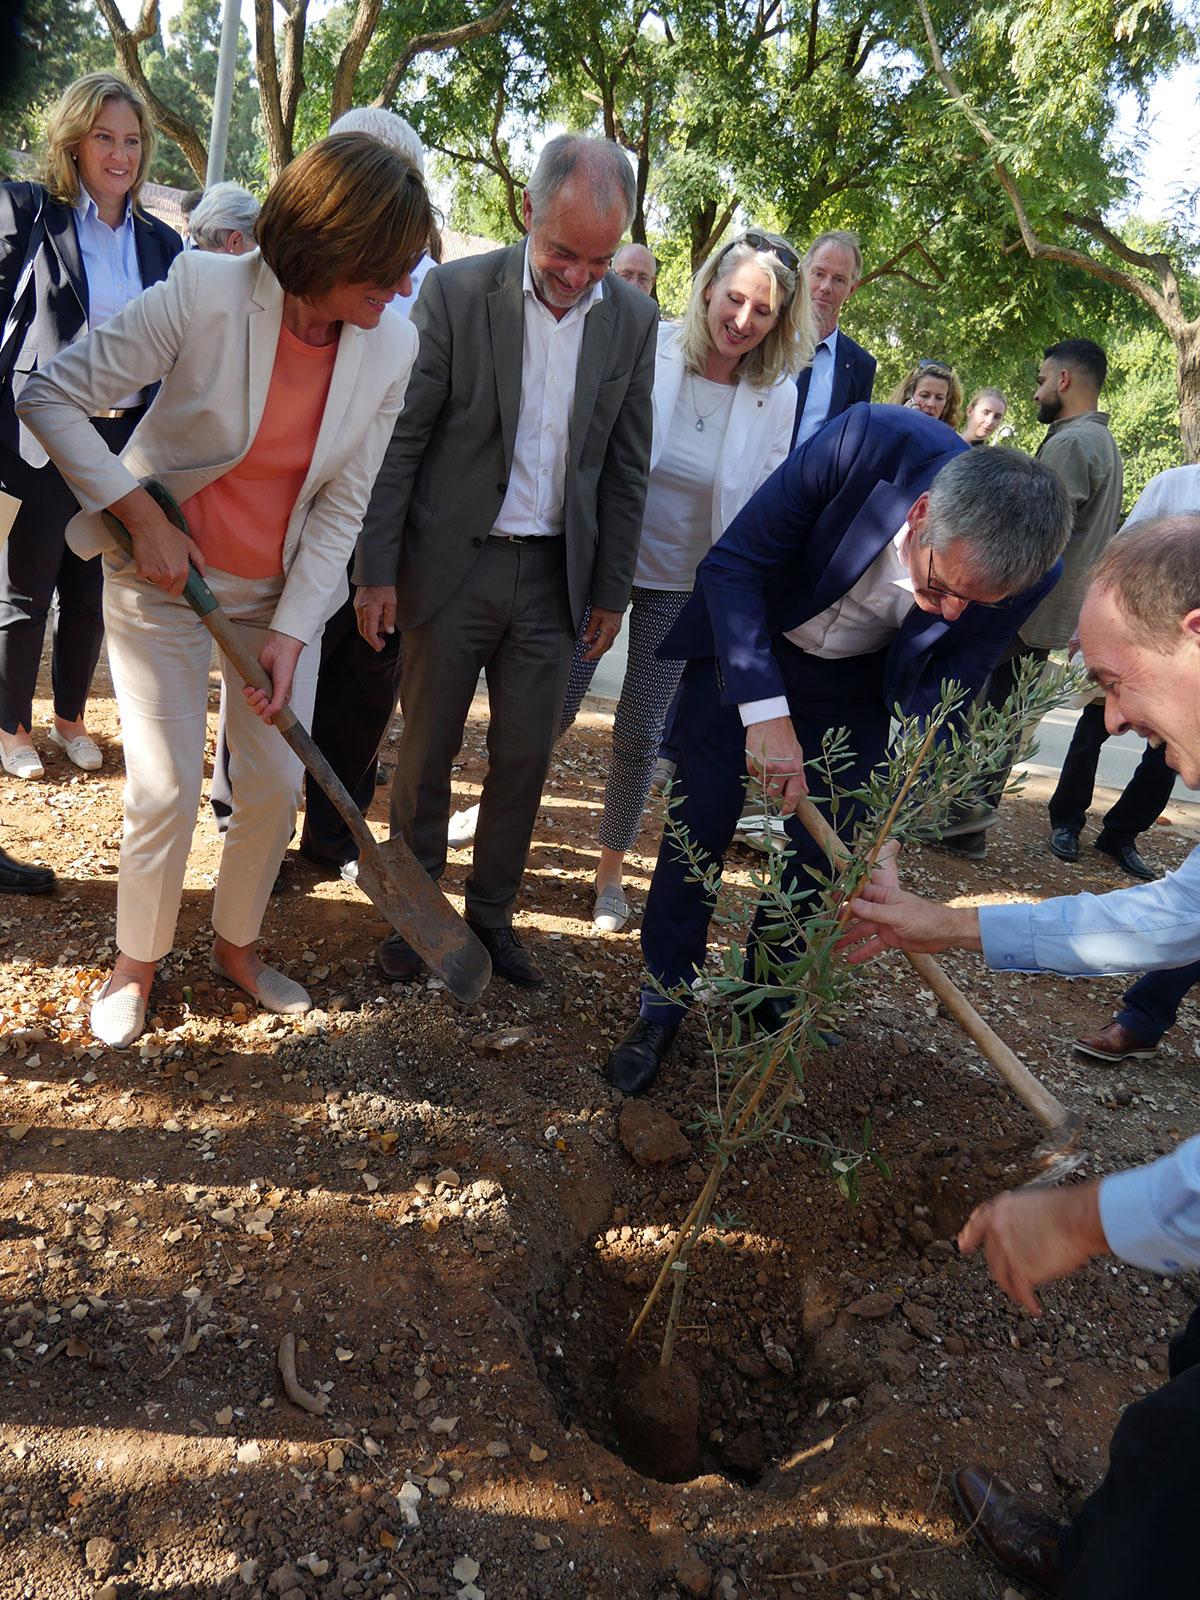 Pflanzung eines Partnerschaftsbaums bei Givat Haviva. Foto: Staatskanzlei RLP